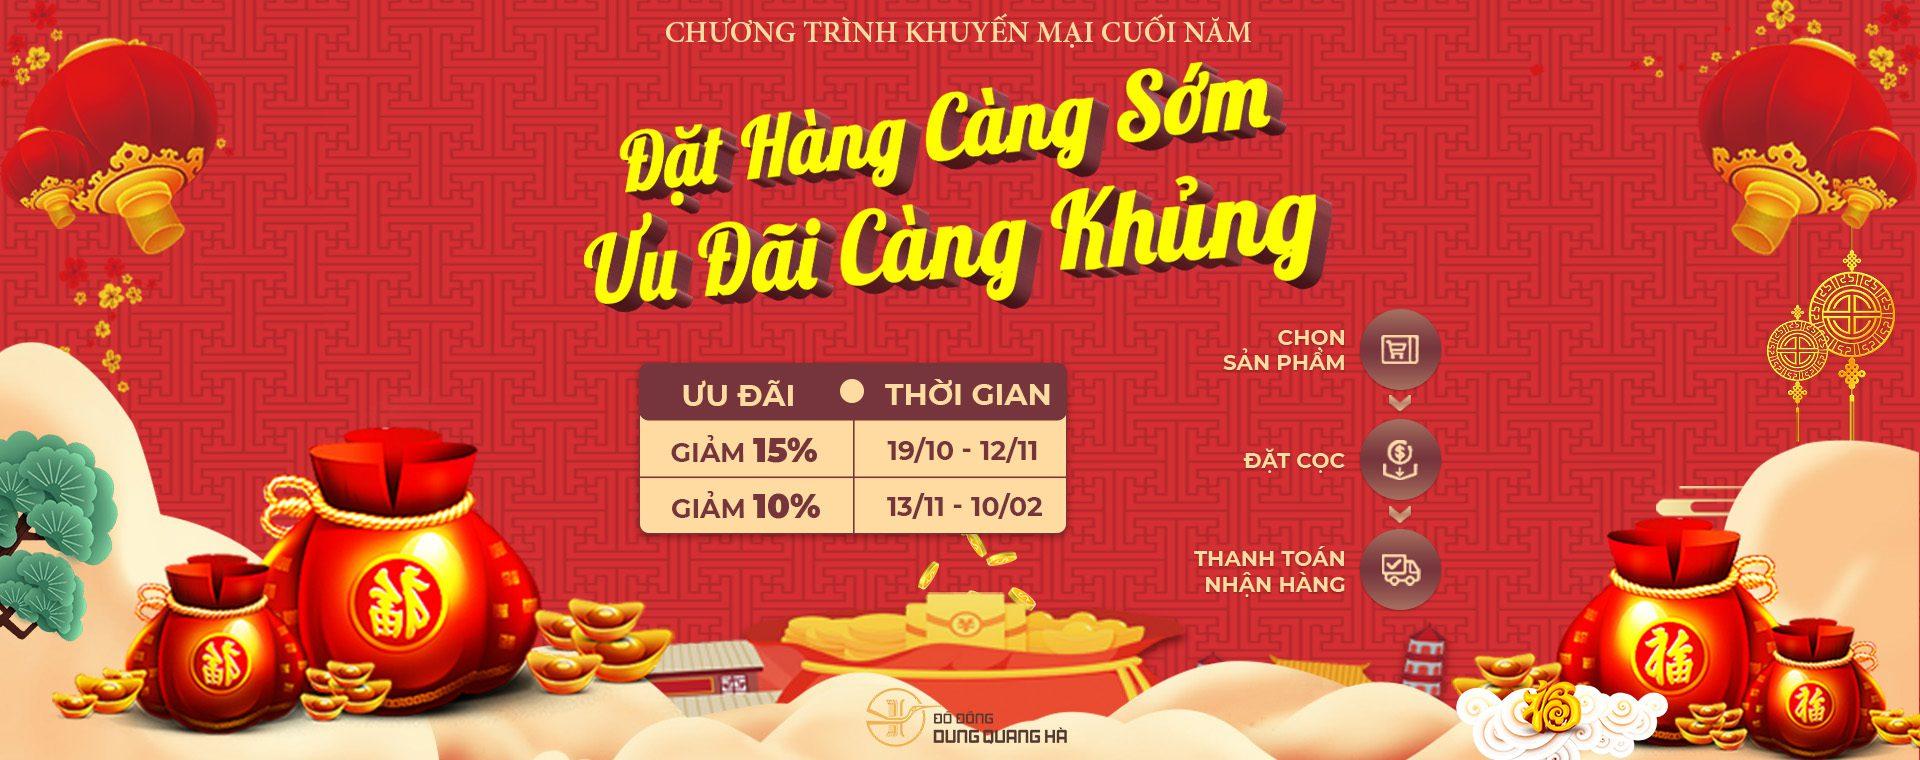 do-dong-dung-quang-ha-chuong-trinh-khuyen-mai-cuoi-nam-dat-hang-cang-som-uu-dai-cang-khung